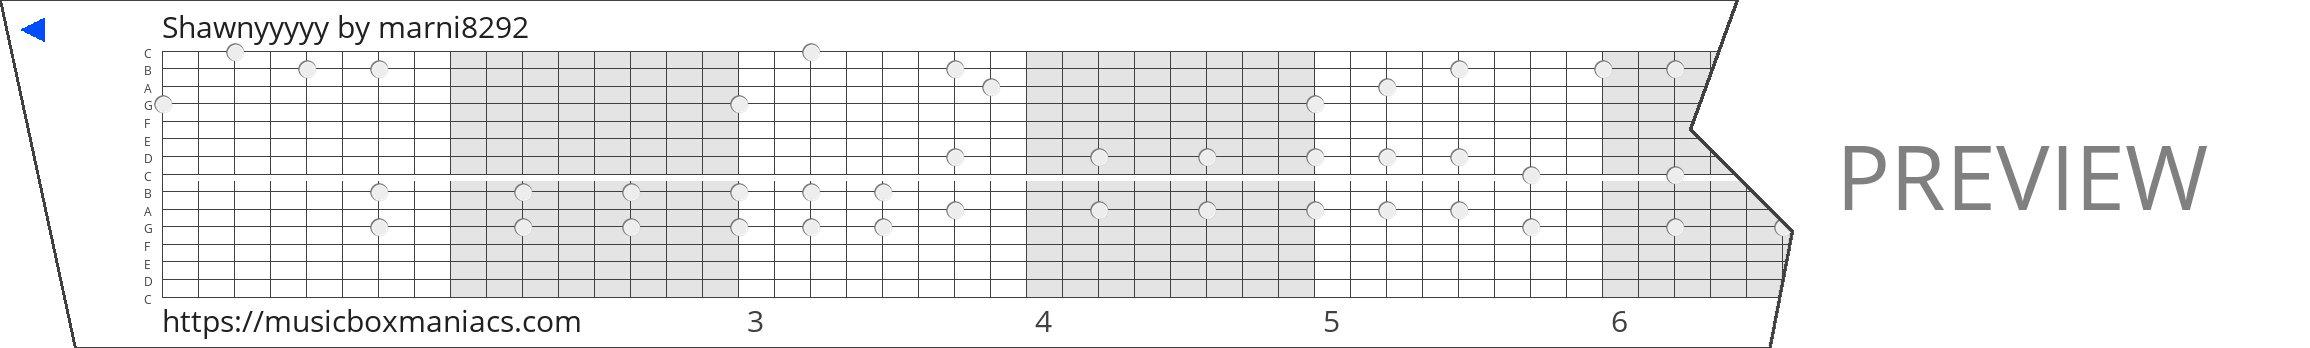 Shawnyyyyy 15 note music box paper strip